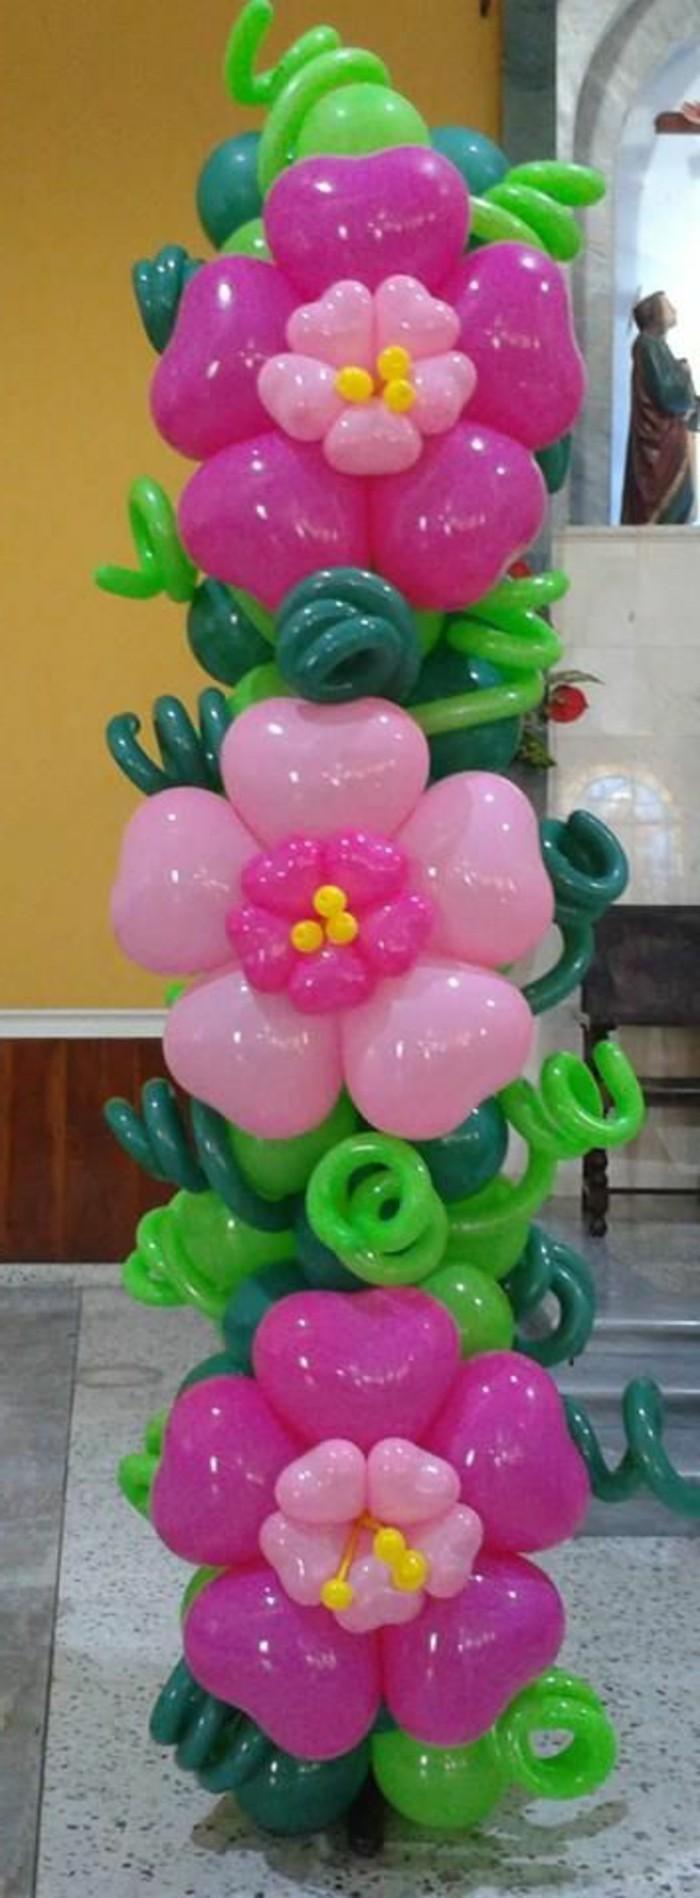 59-guirlande de ballons en fleurs